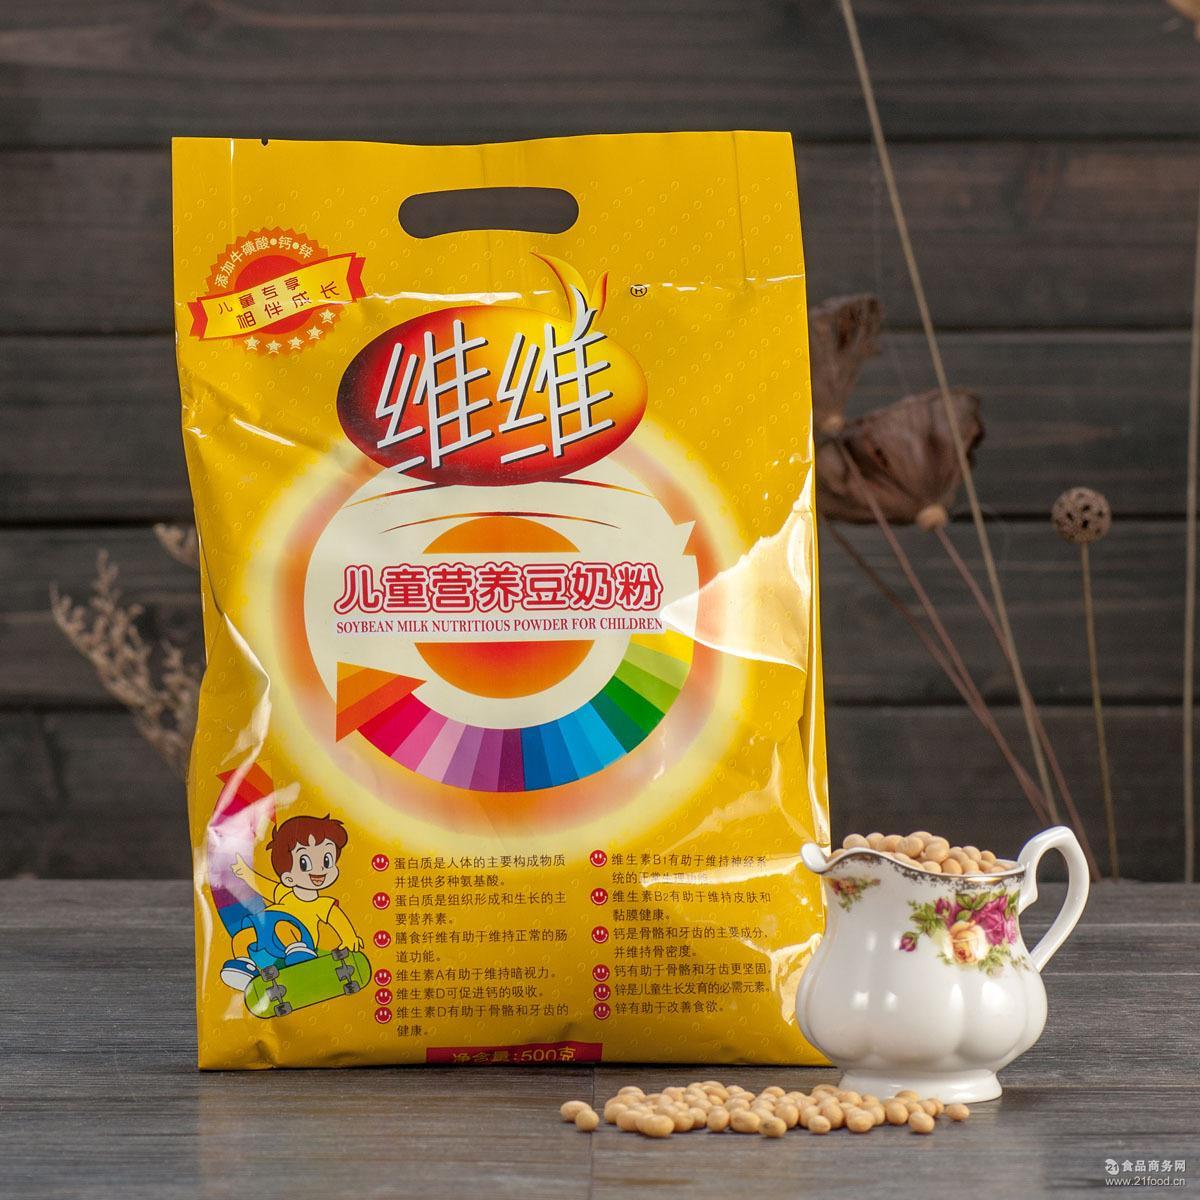 维维豆奶粉 500g袋装儿童豆奶 营养早餐 16袋包邮